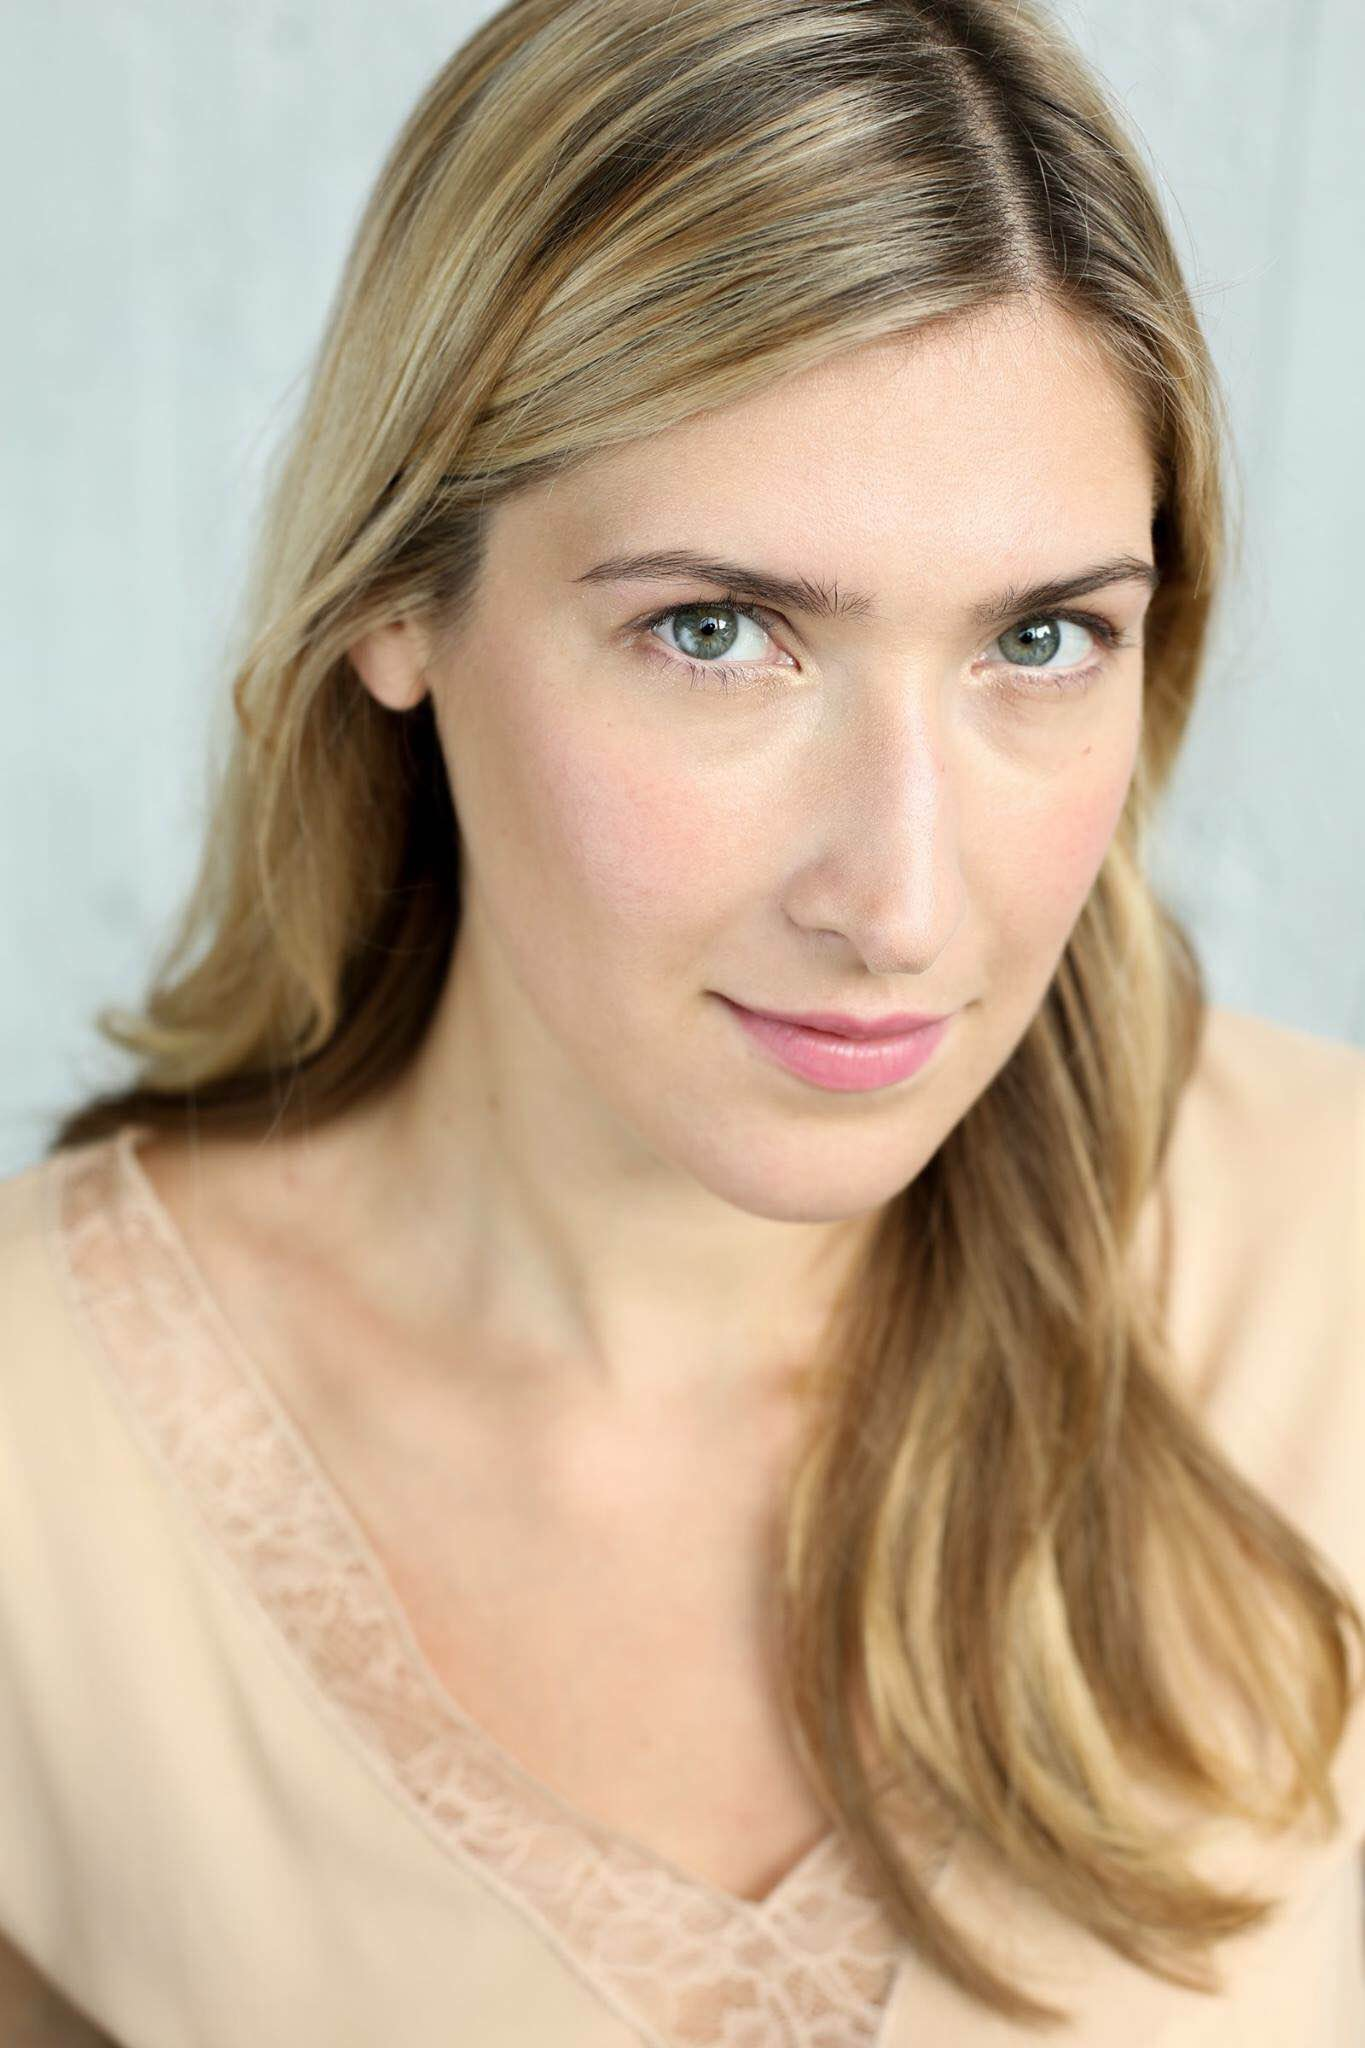 Maja Frydén